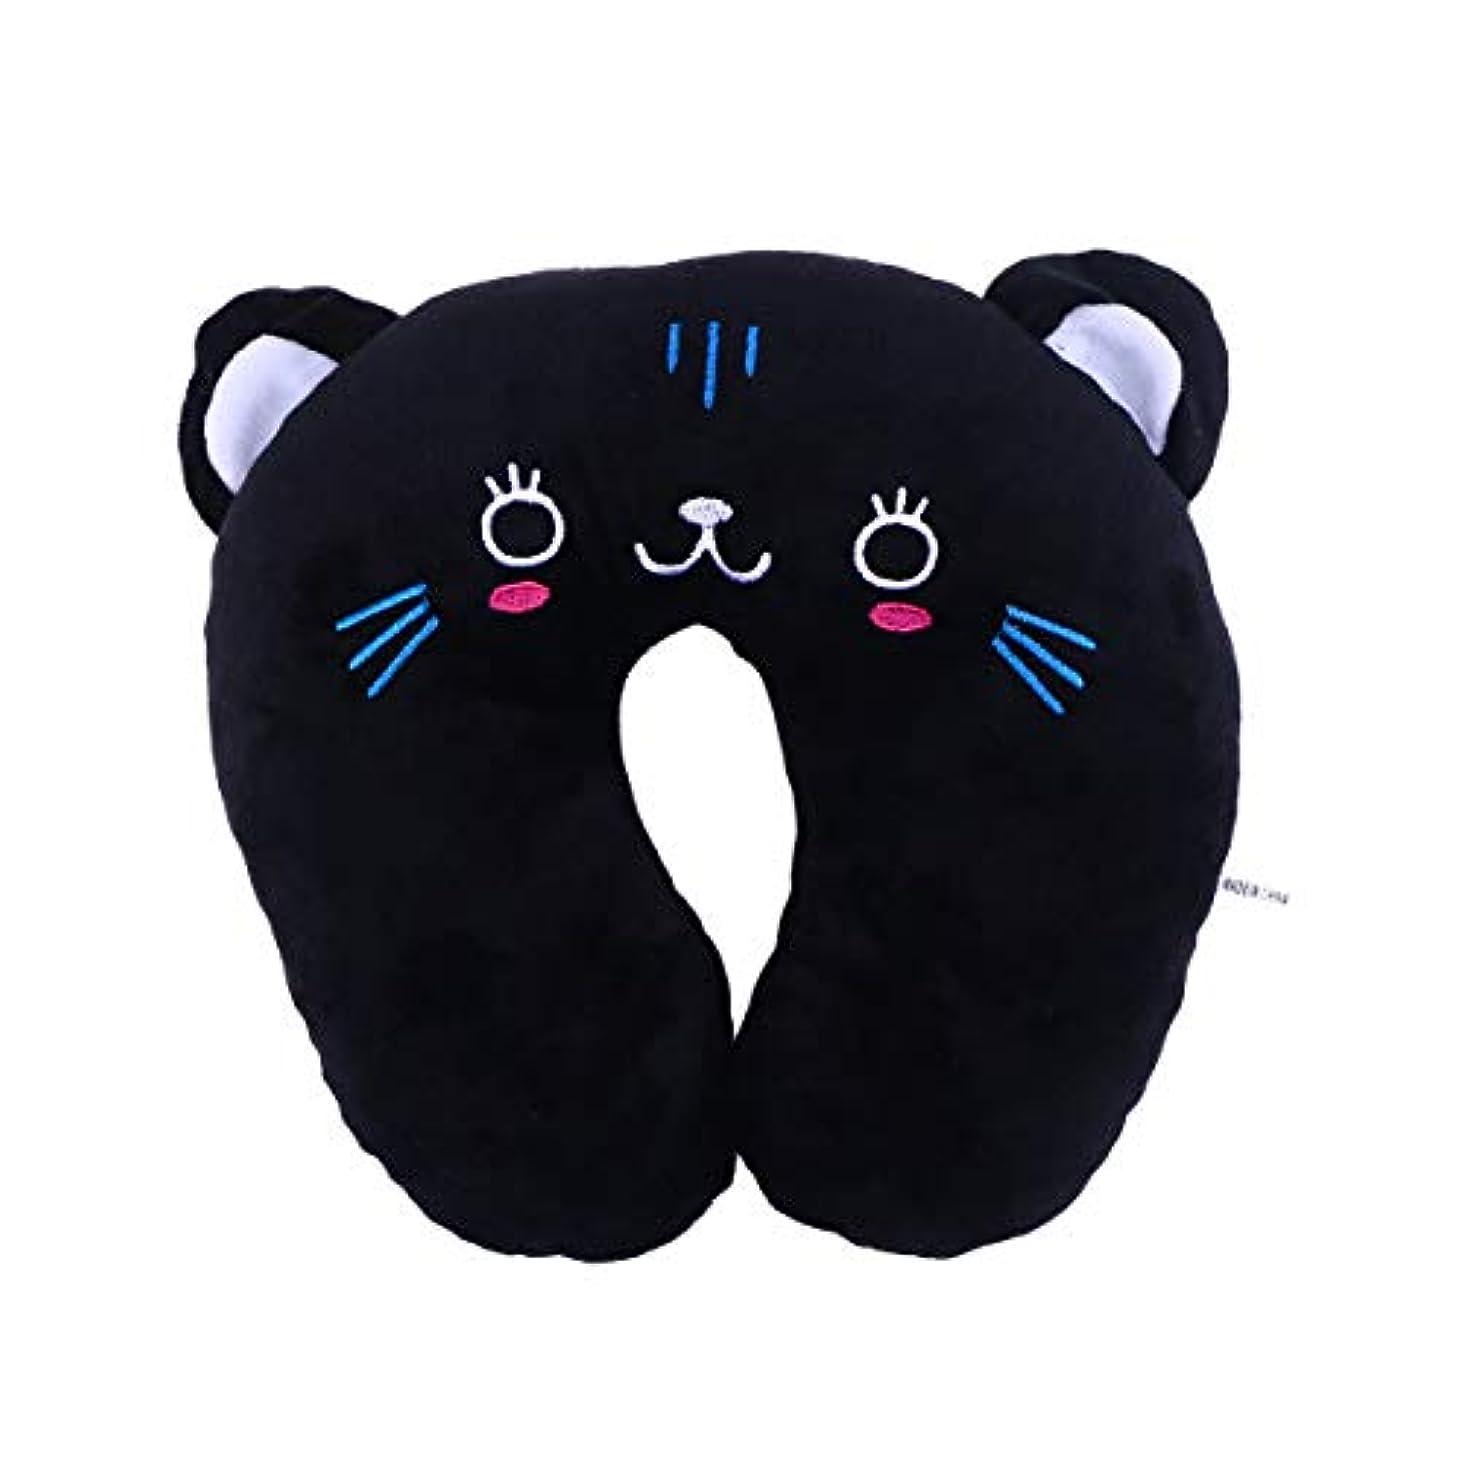 発明する安息団結HEALIFTY 首牽引枕漫画ぬいぐるみU字型枕首サポートクッション旅行枕飛行機のための車(黒猫)